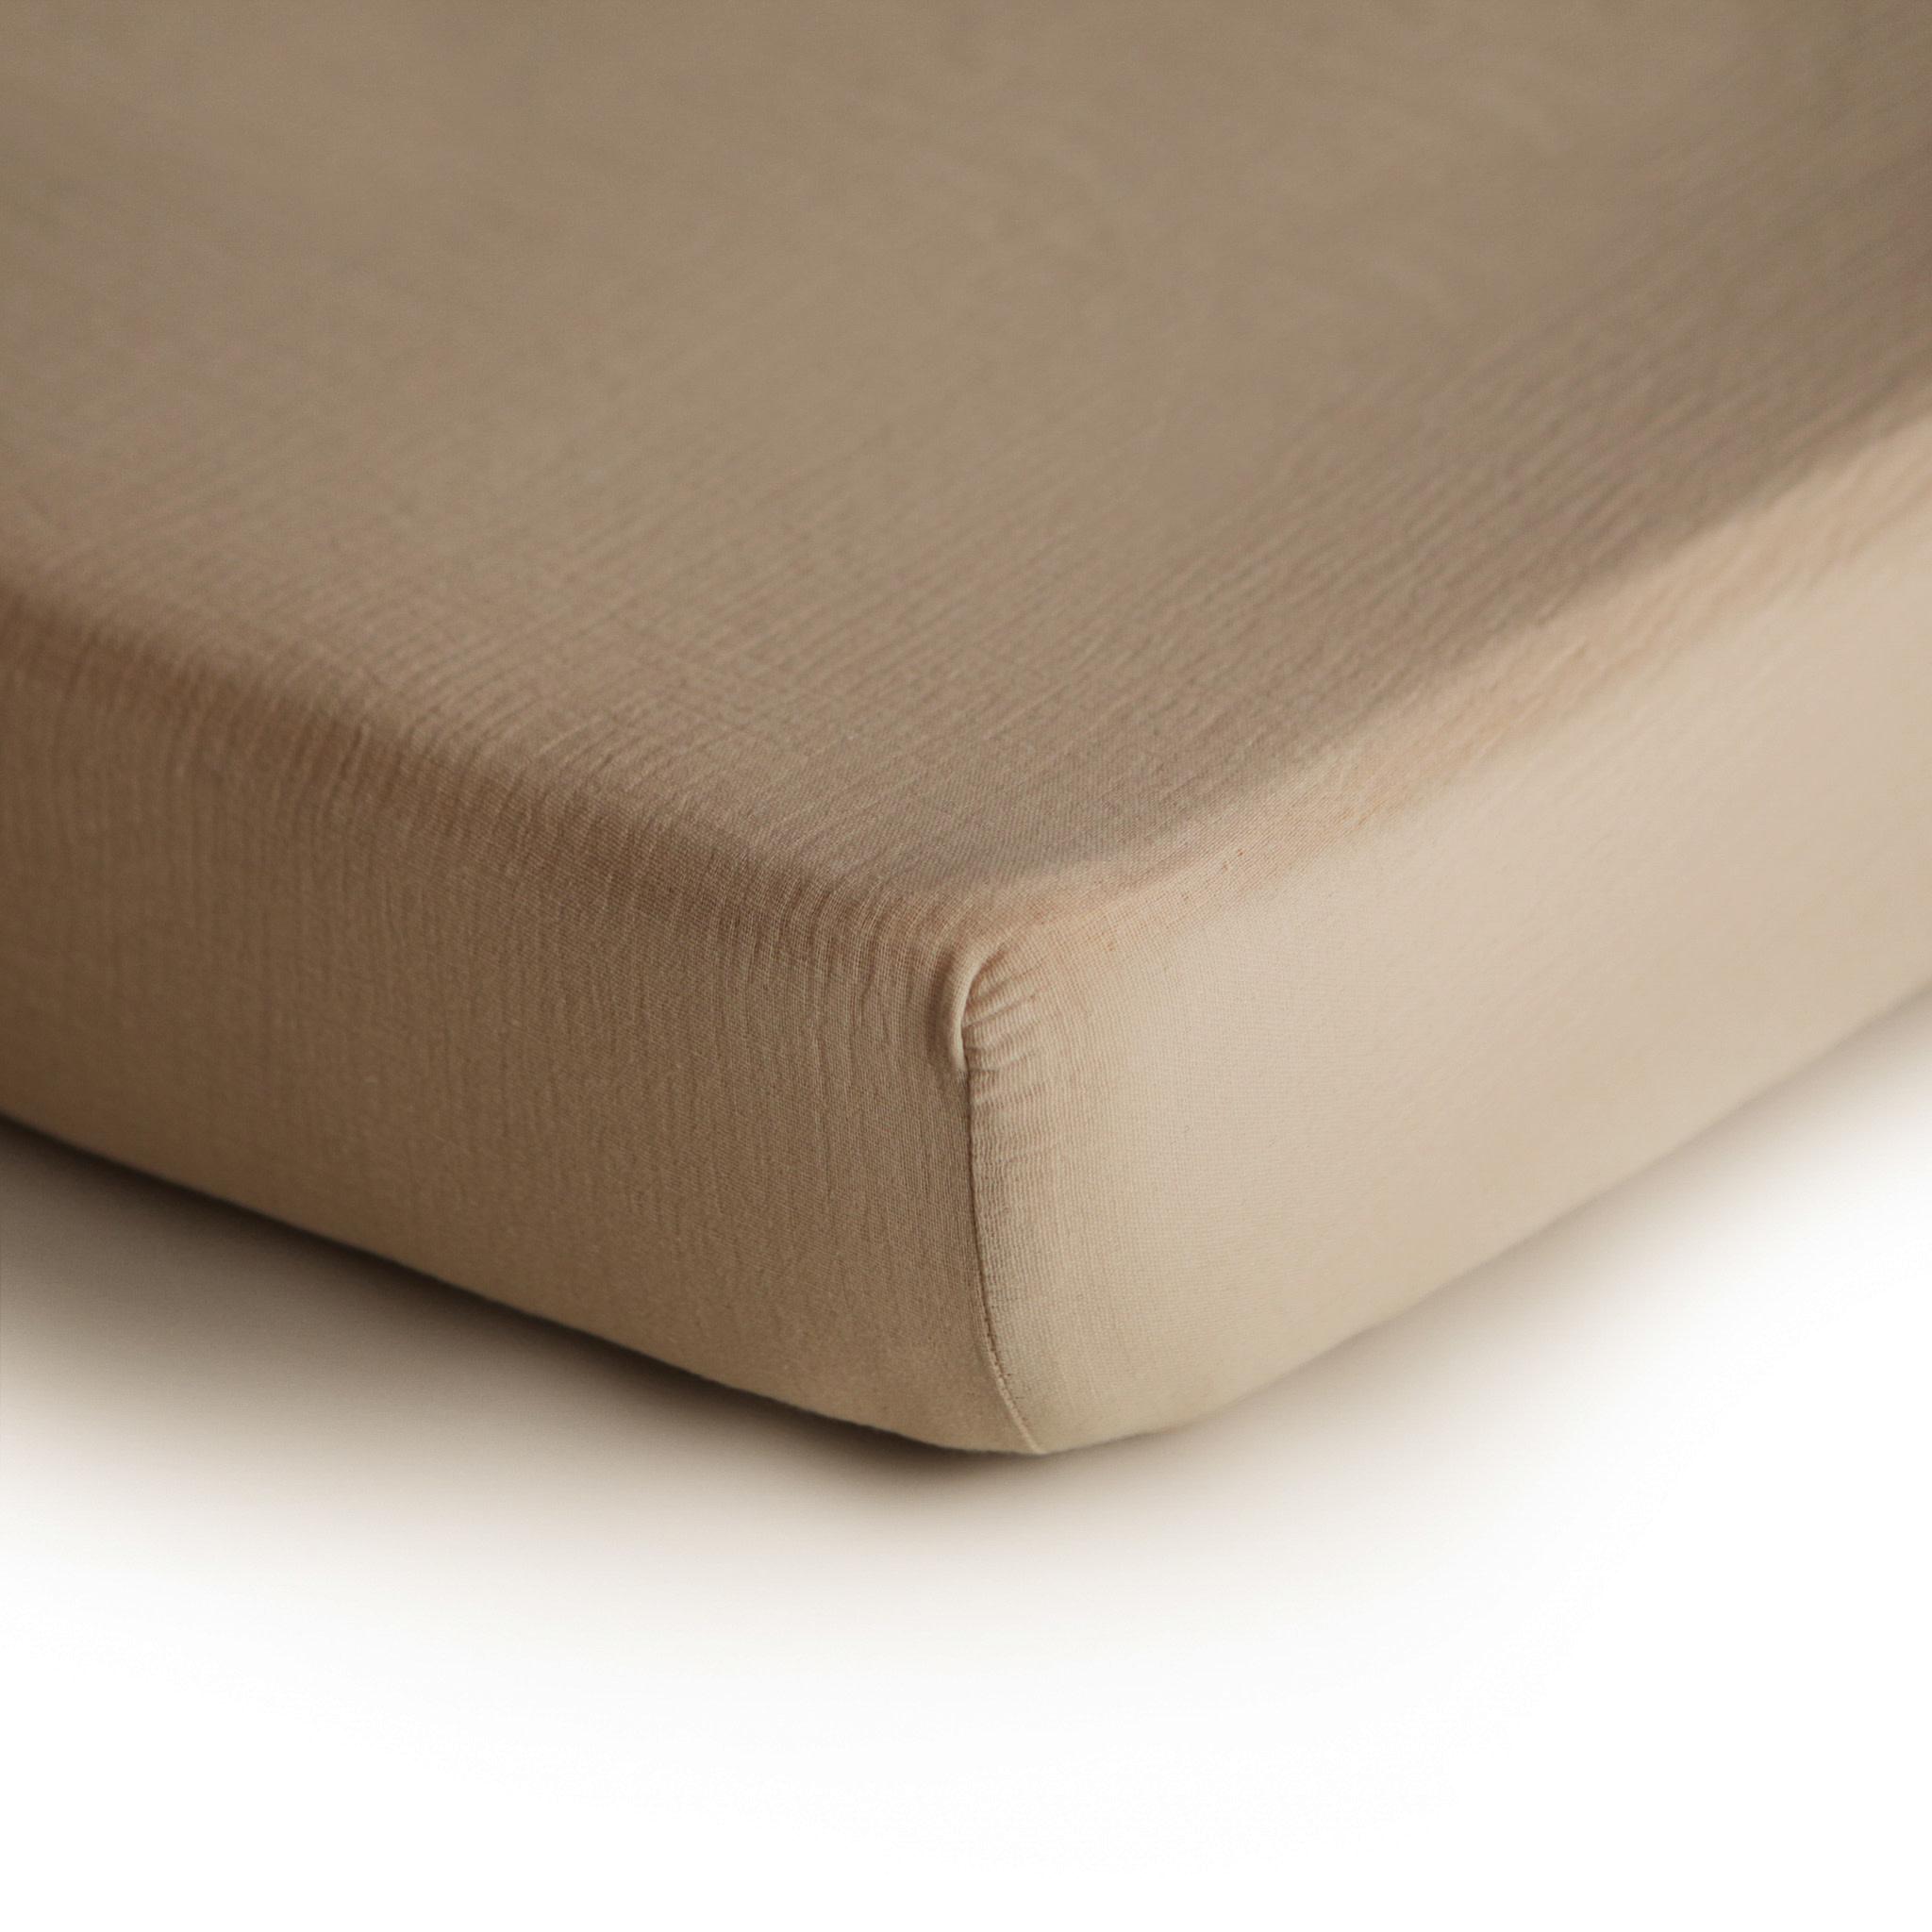 Crib sheet natural-1